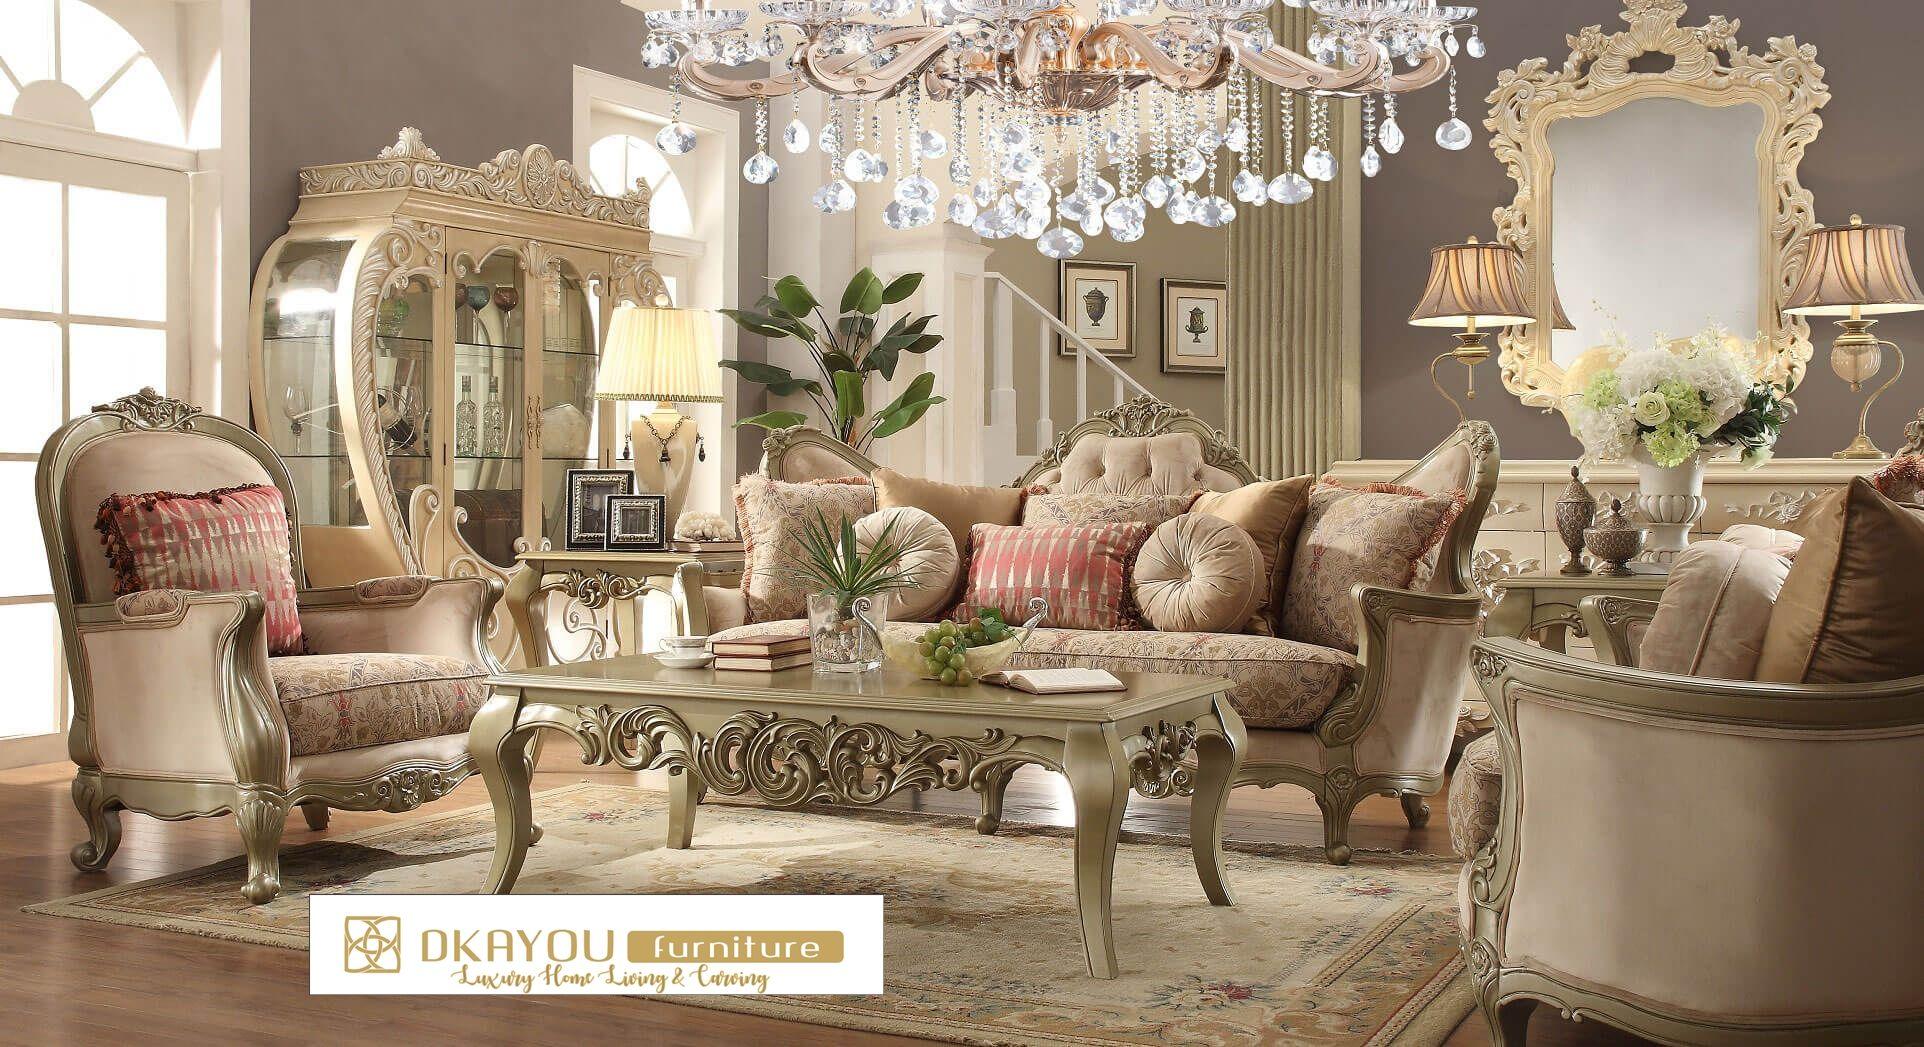 11 Gambar Ruang Tamu Klasik Modern Terbaik Lingkar Png